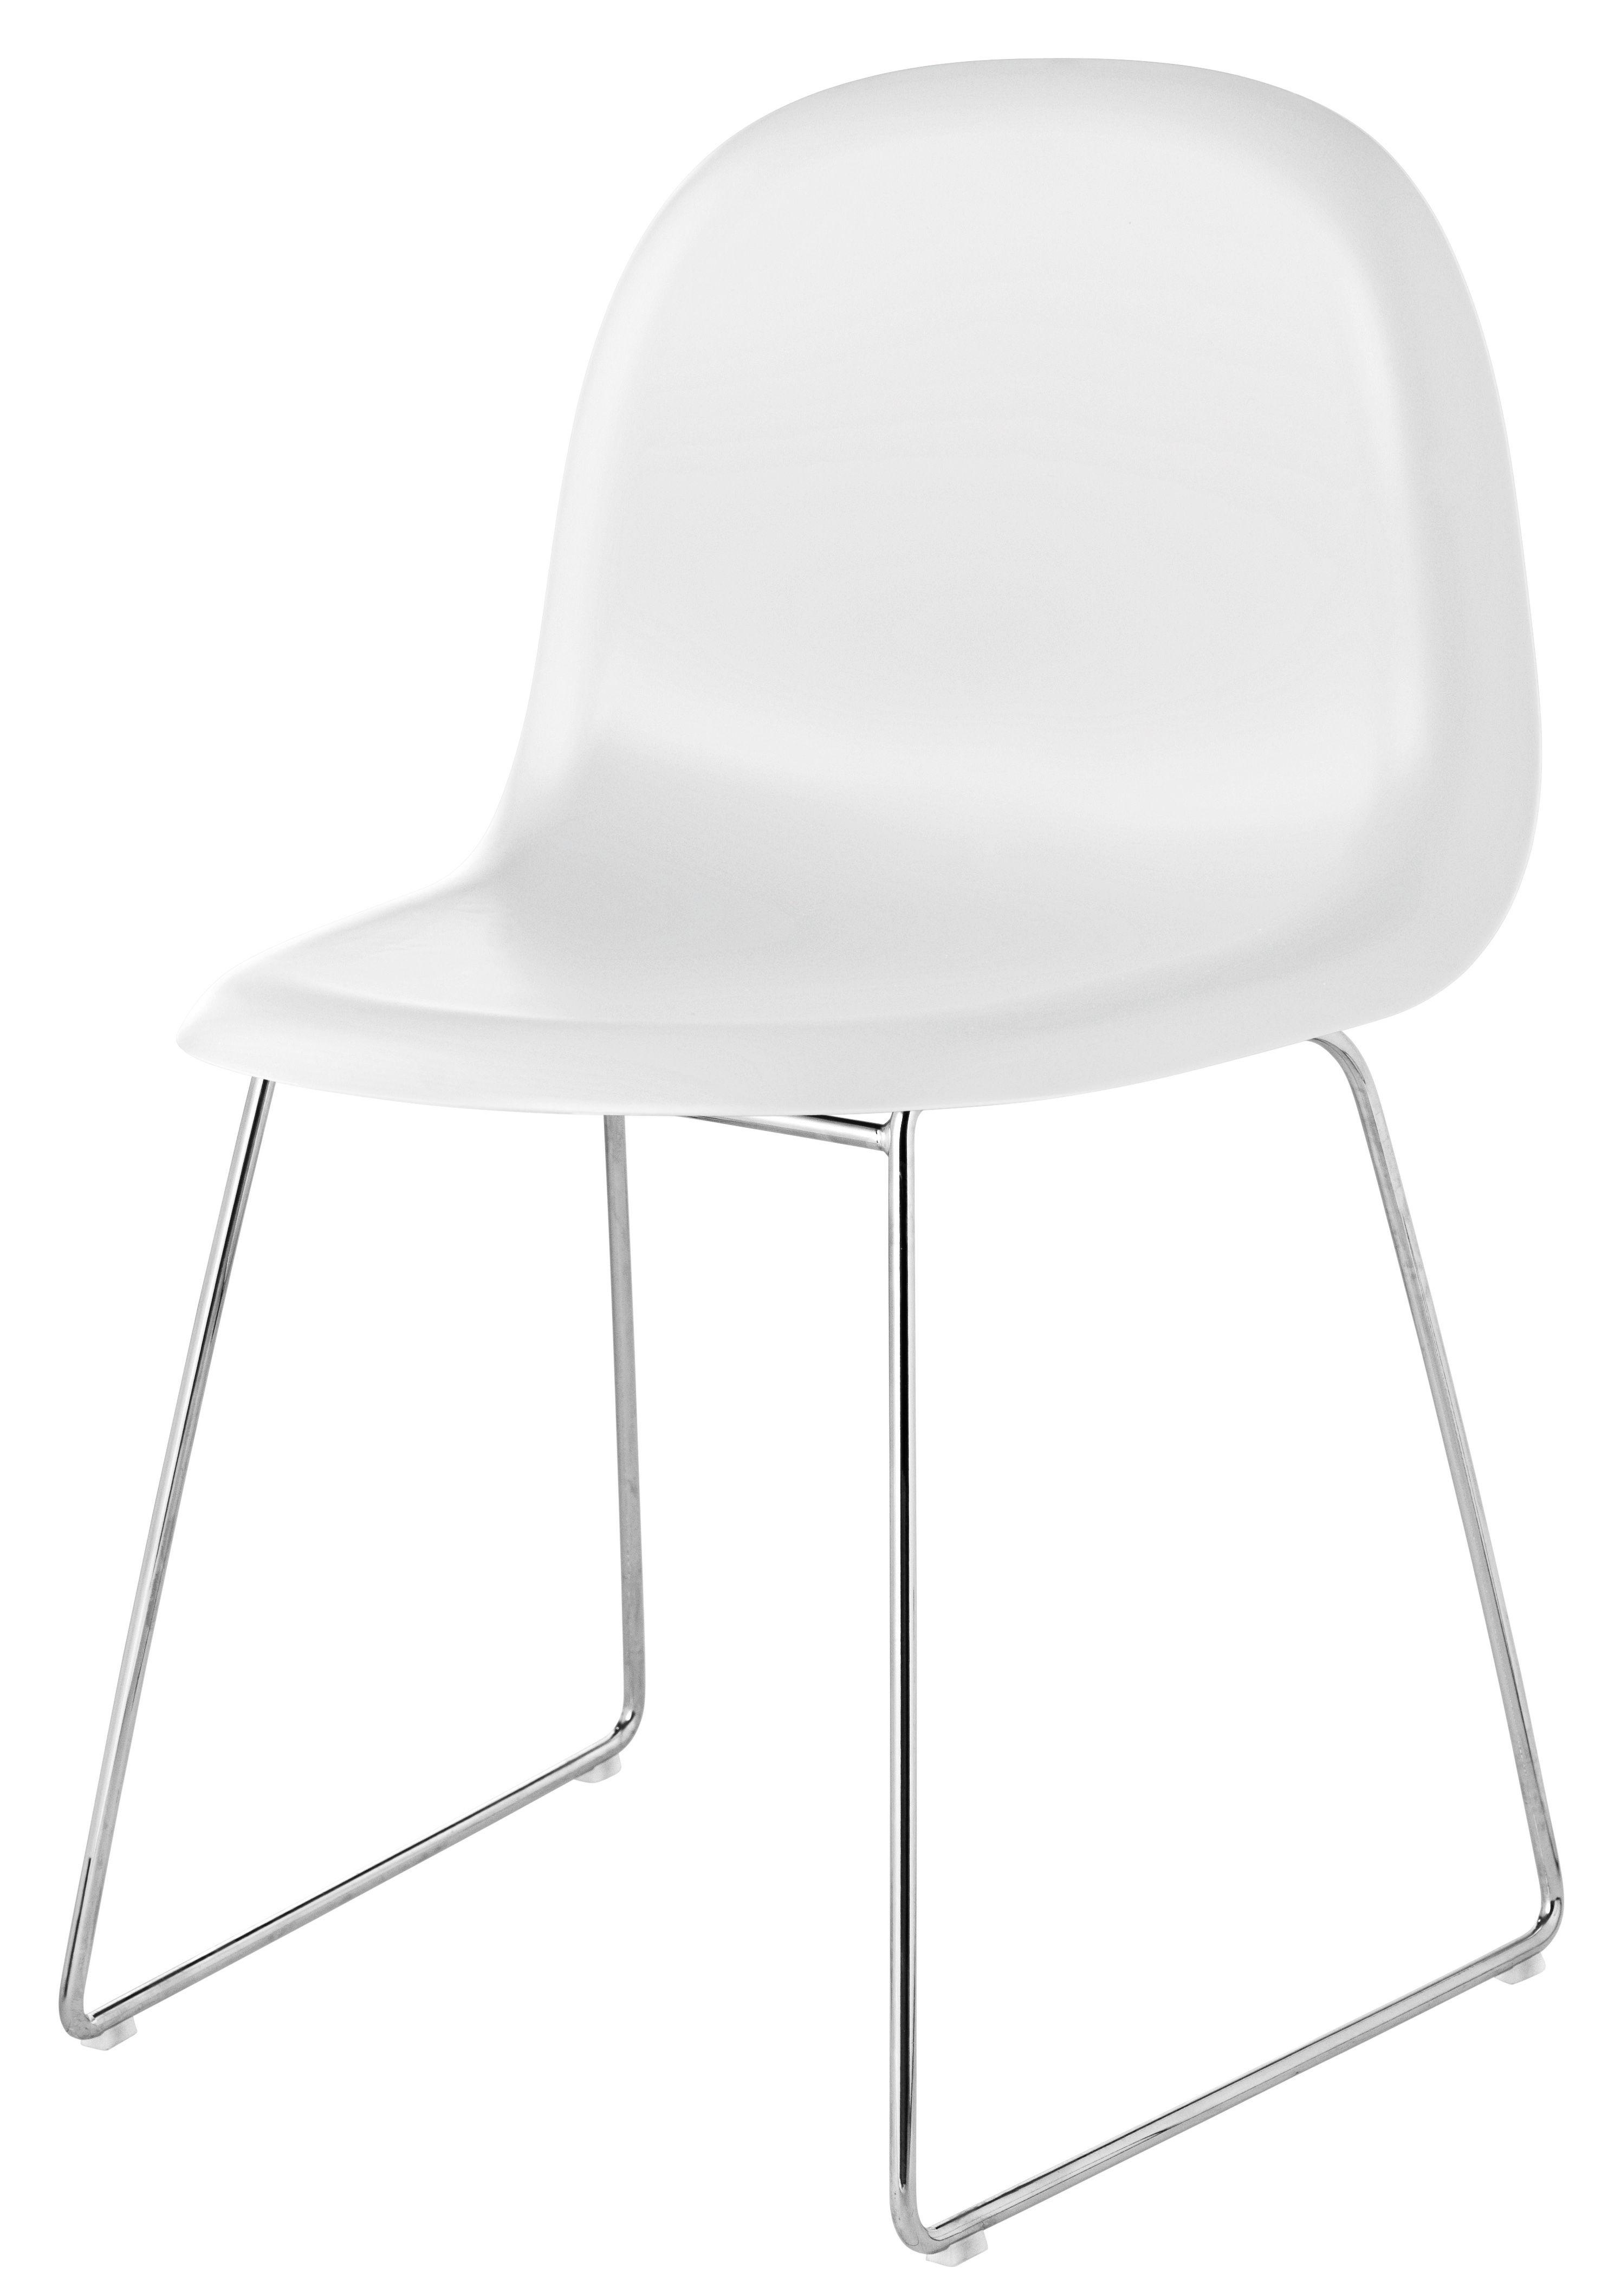 Möbel - Stühle  - 3D Stuhl Kufengestell - HiRek-Schale - Gubi - Schale weiß / Gestell verchromt - polymerbeschichtete Holzfaserplatte, verchromter Stahl